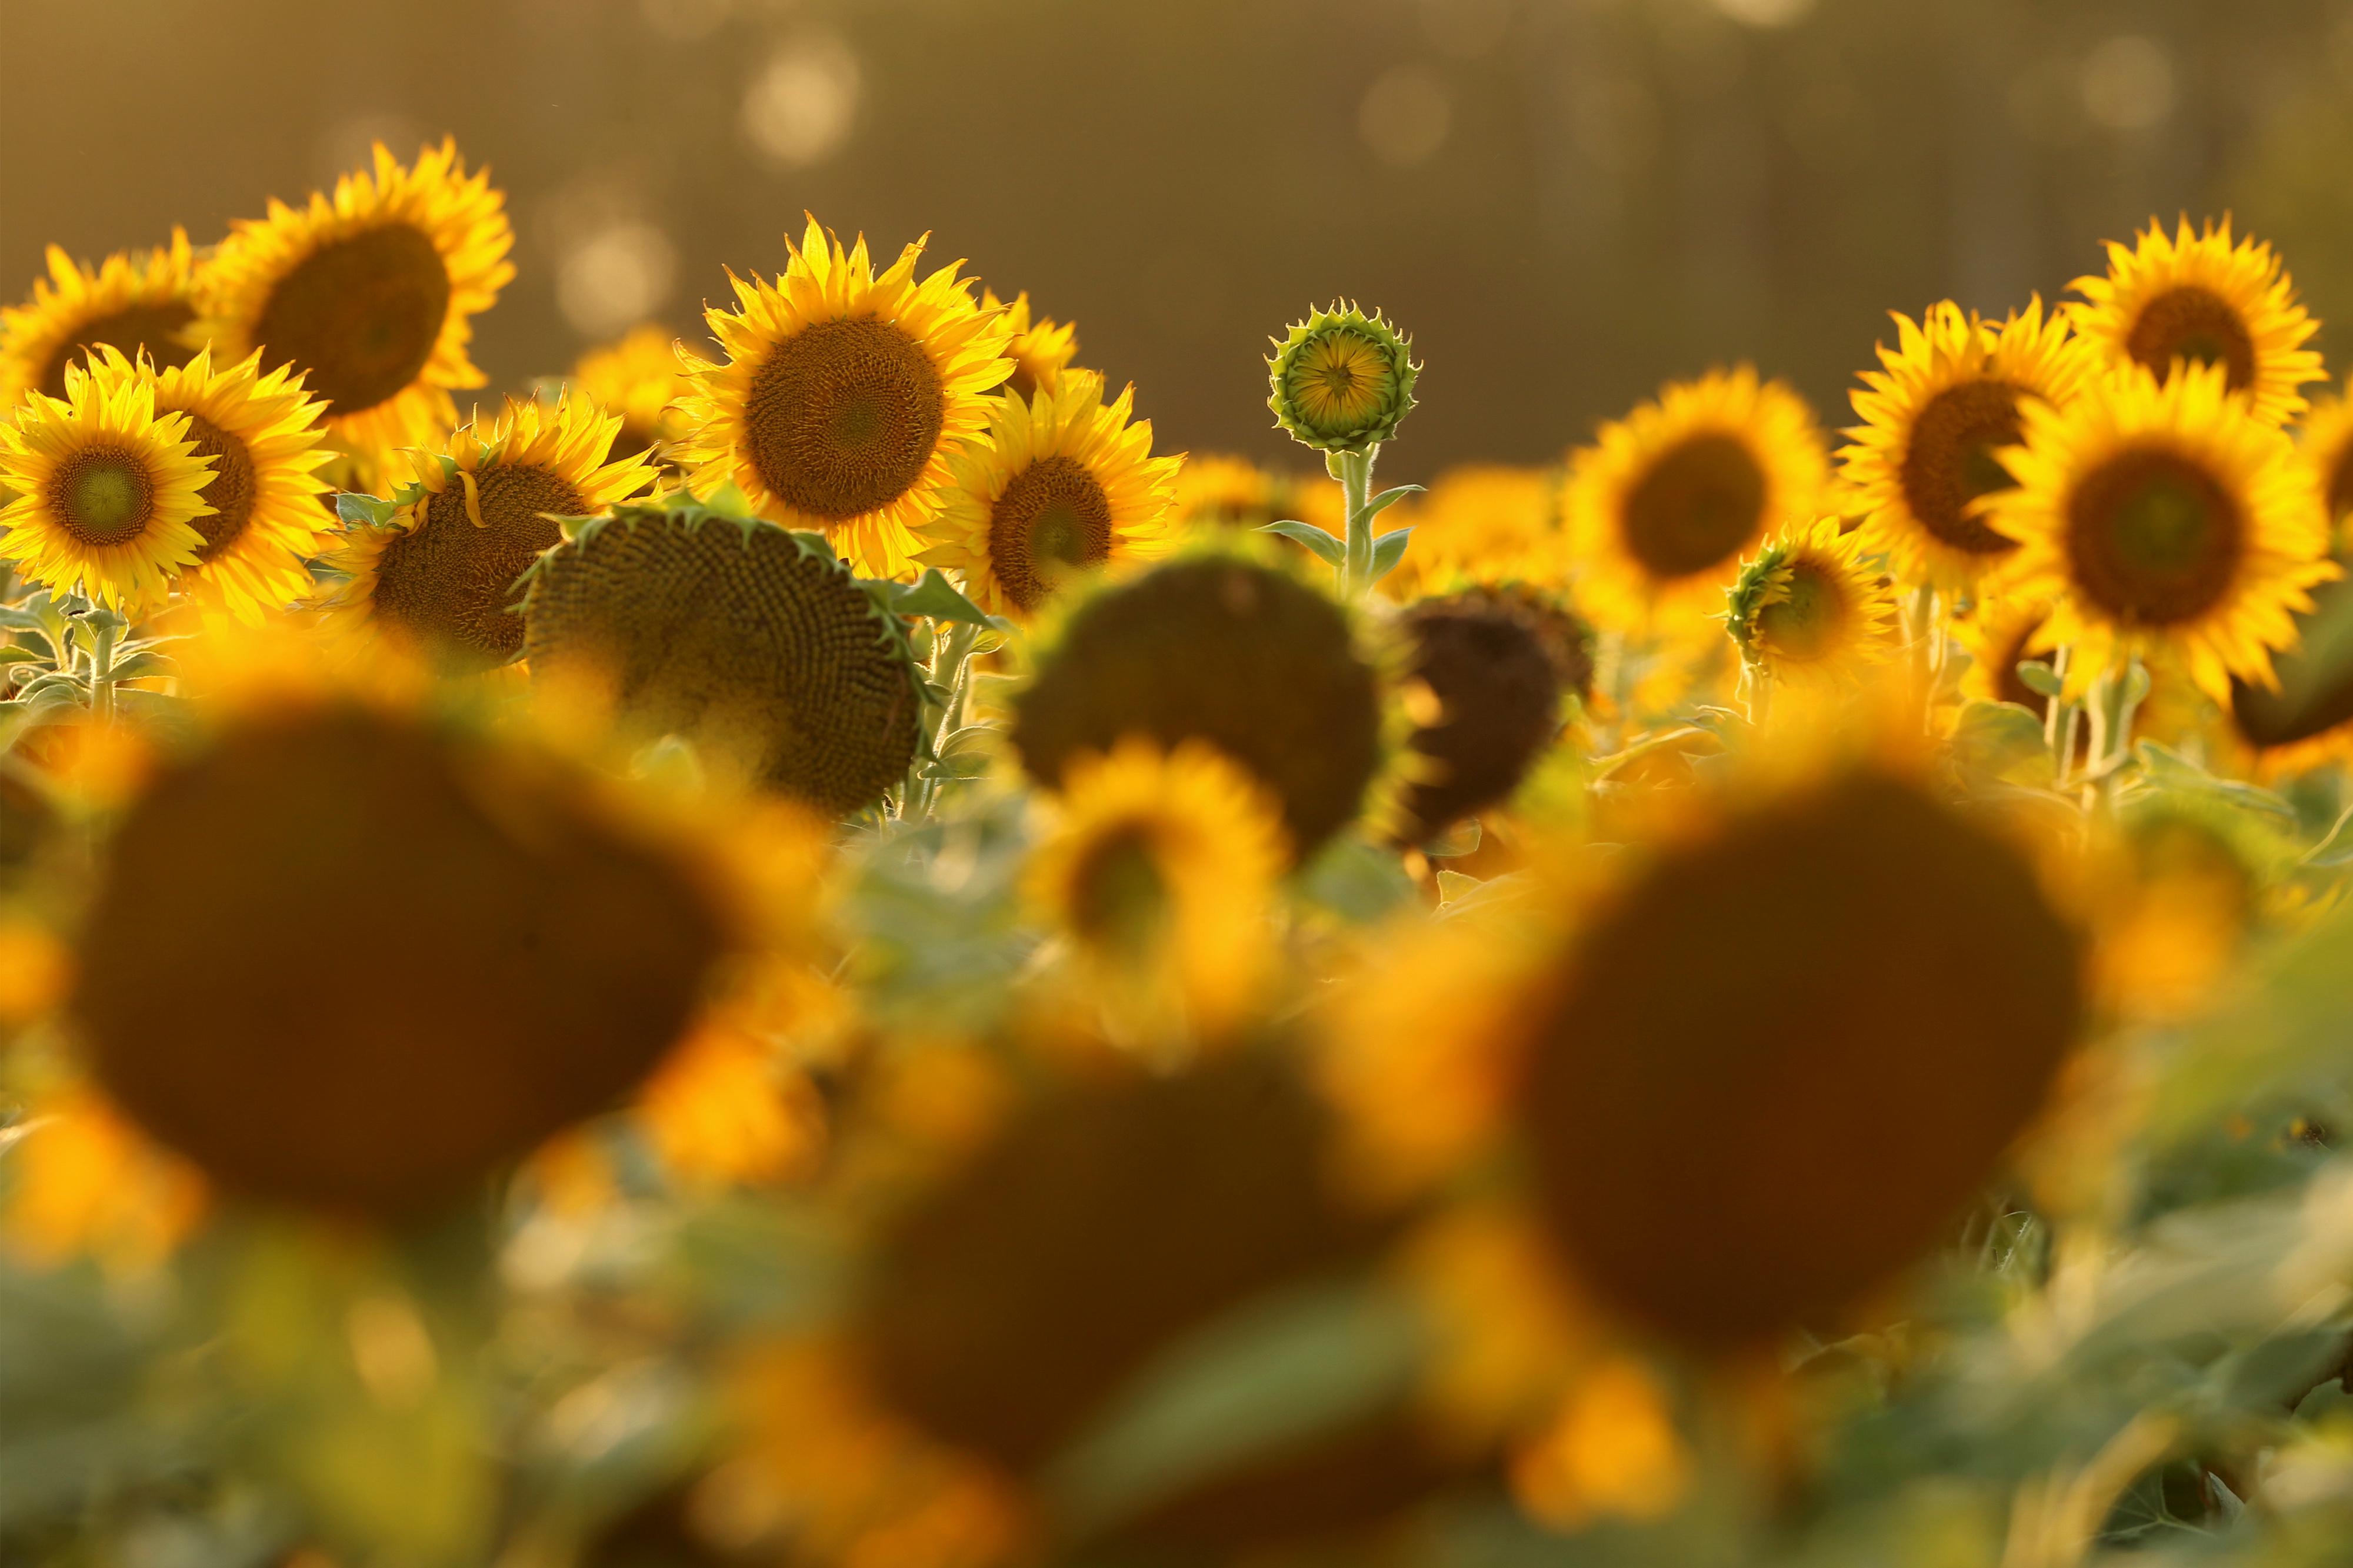 В этом году подсолнечное масло и семечки могут подорожать на 20%